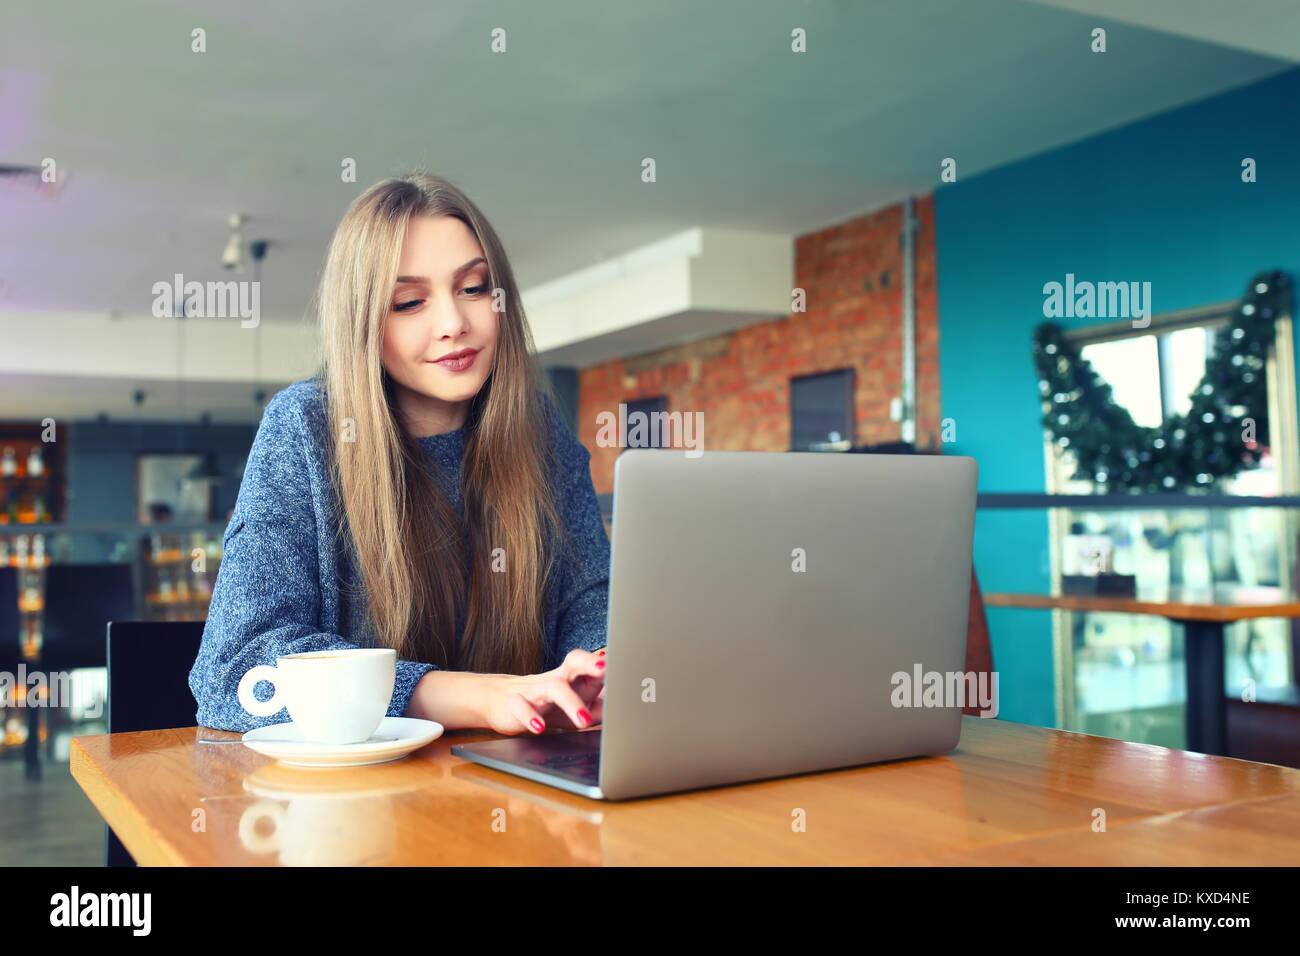 Donna al lavoro su computer portatile in una caffetteria. Giovane donna seduta al tavolo di un caffè usinglaptop. Immagini Stock